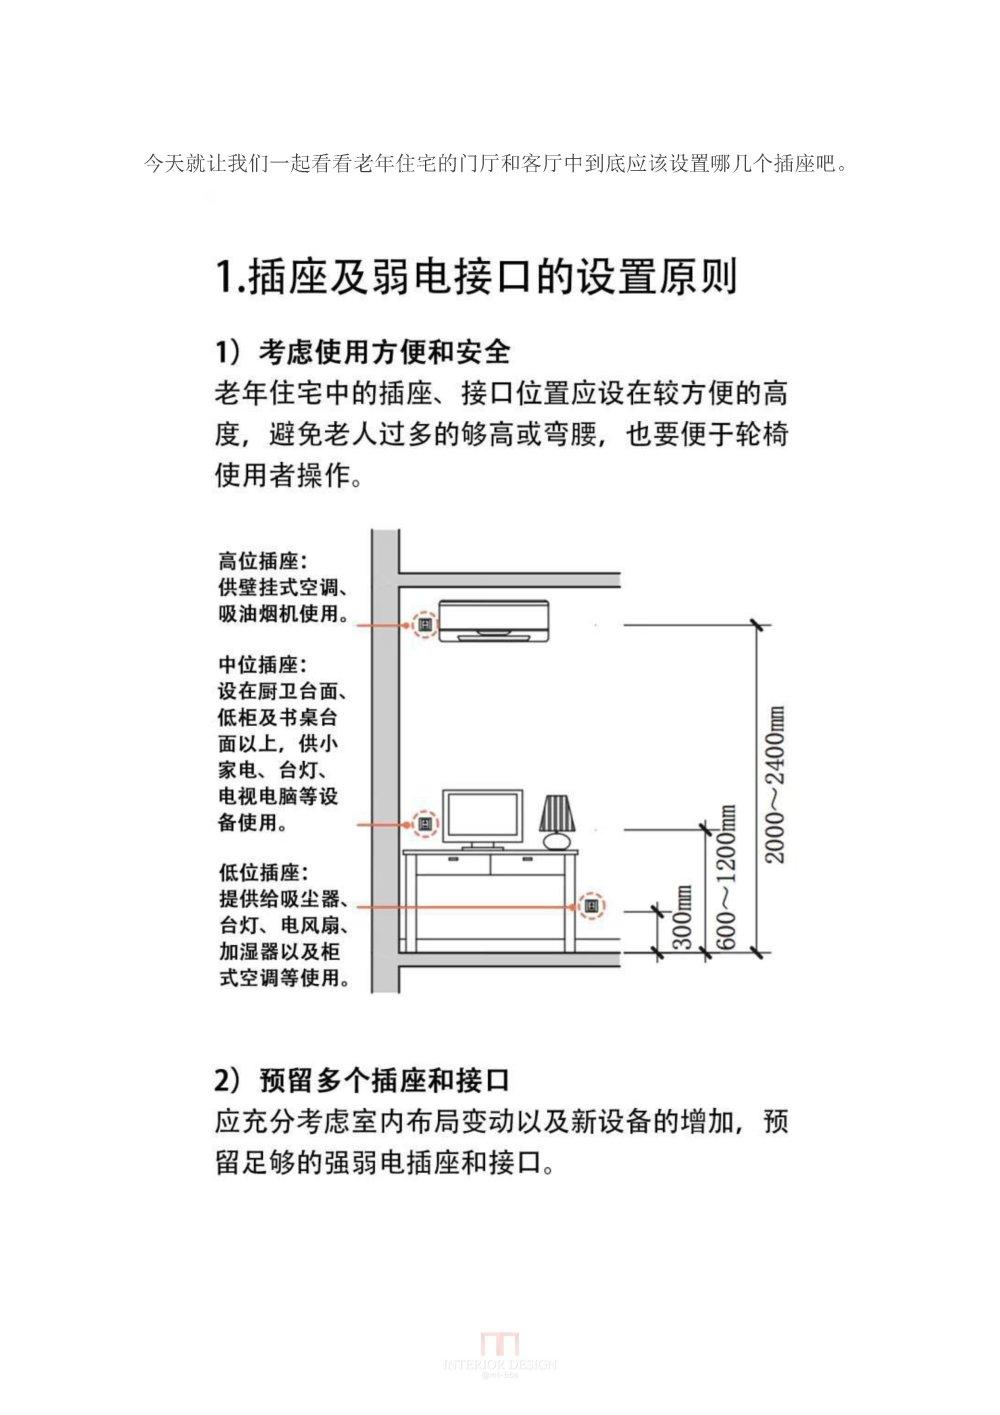 设计师必读:老年住宅中的细节设计(经典)_111 (13).jpg